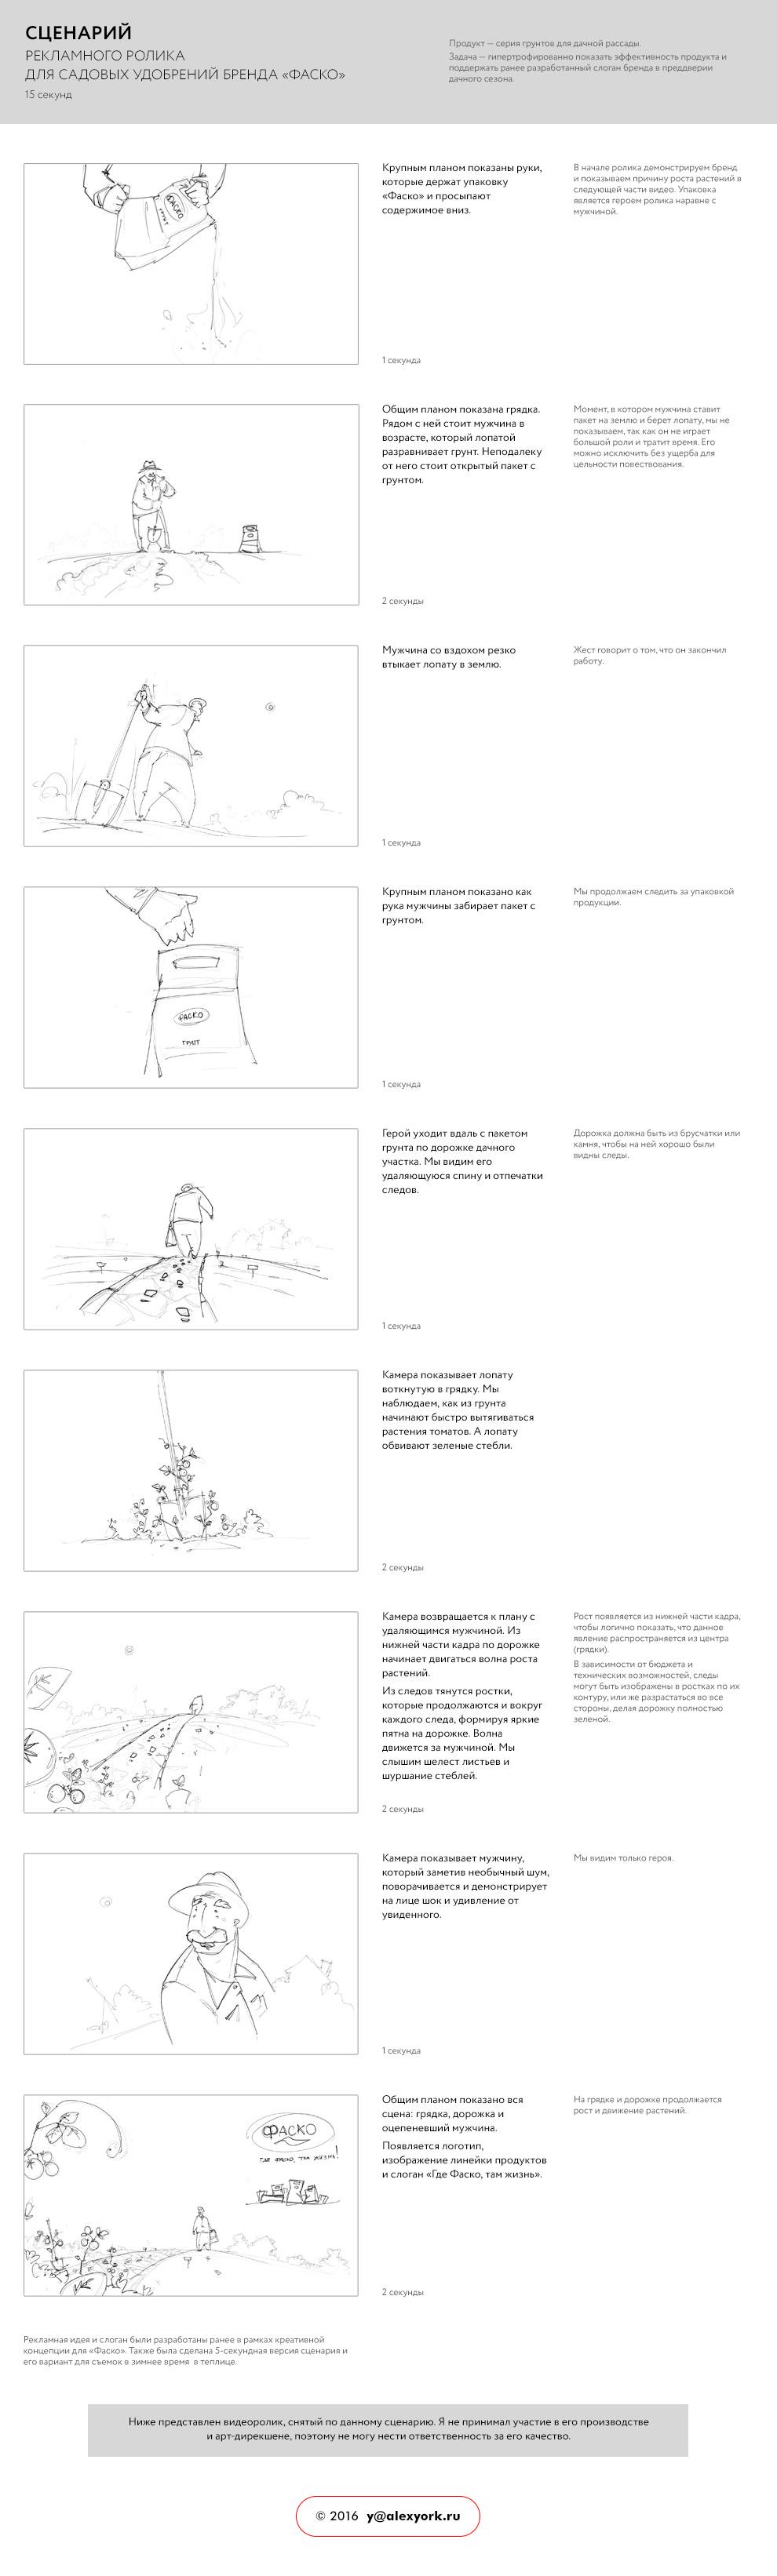 Сценарий и раскадровка для рекламного ролика садового бренда